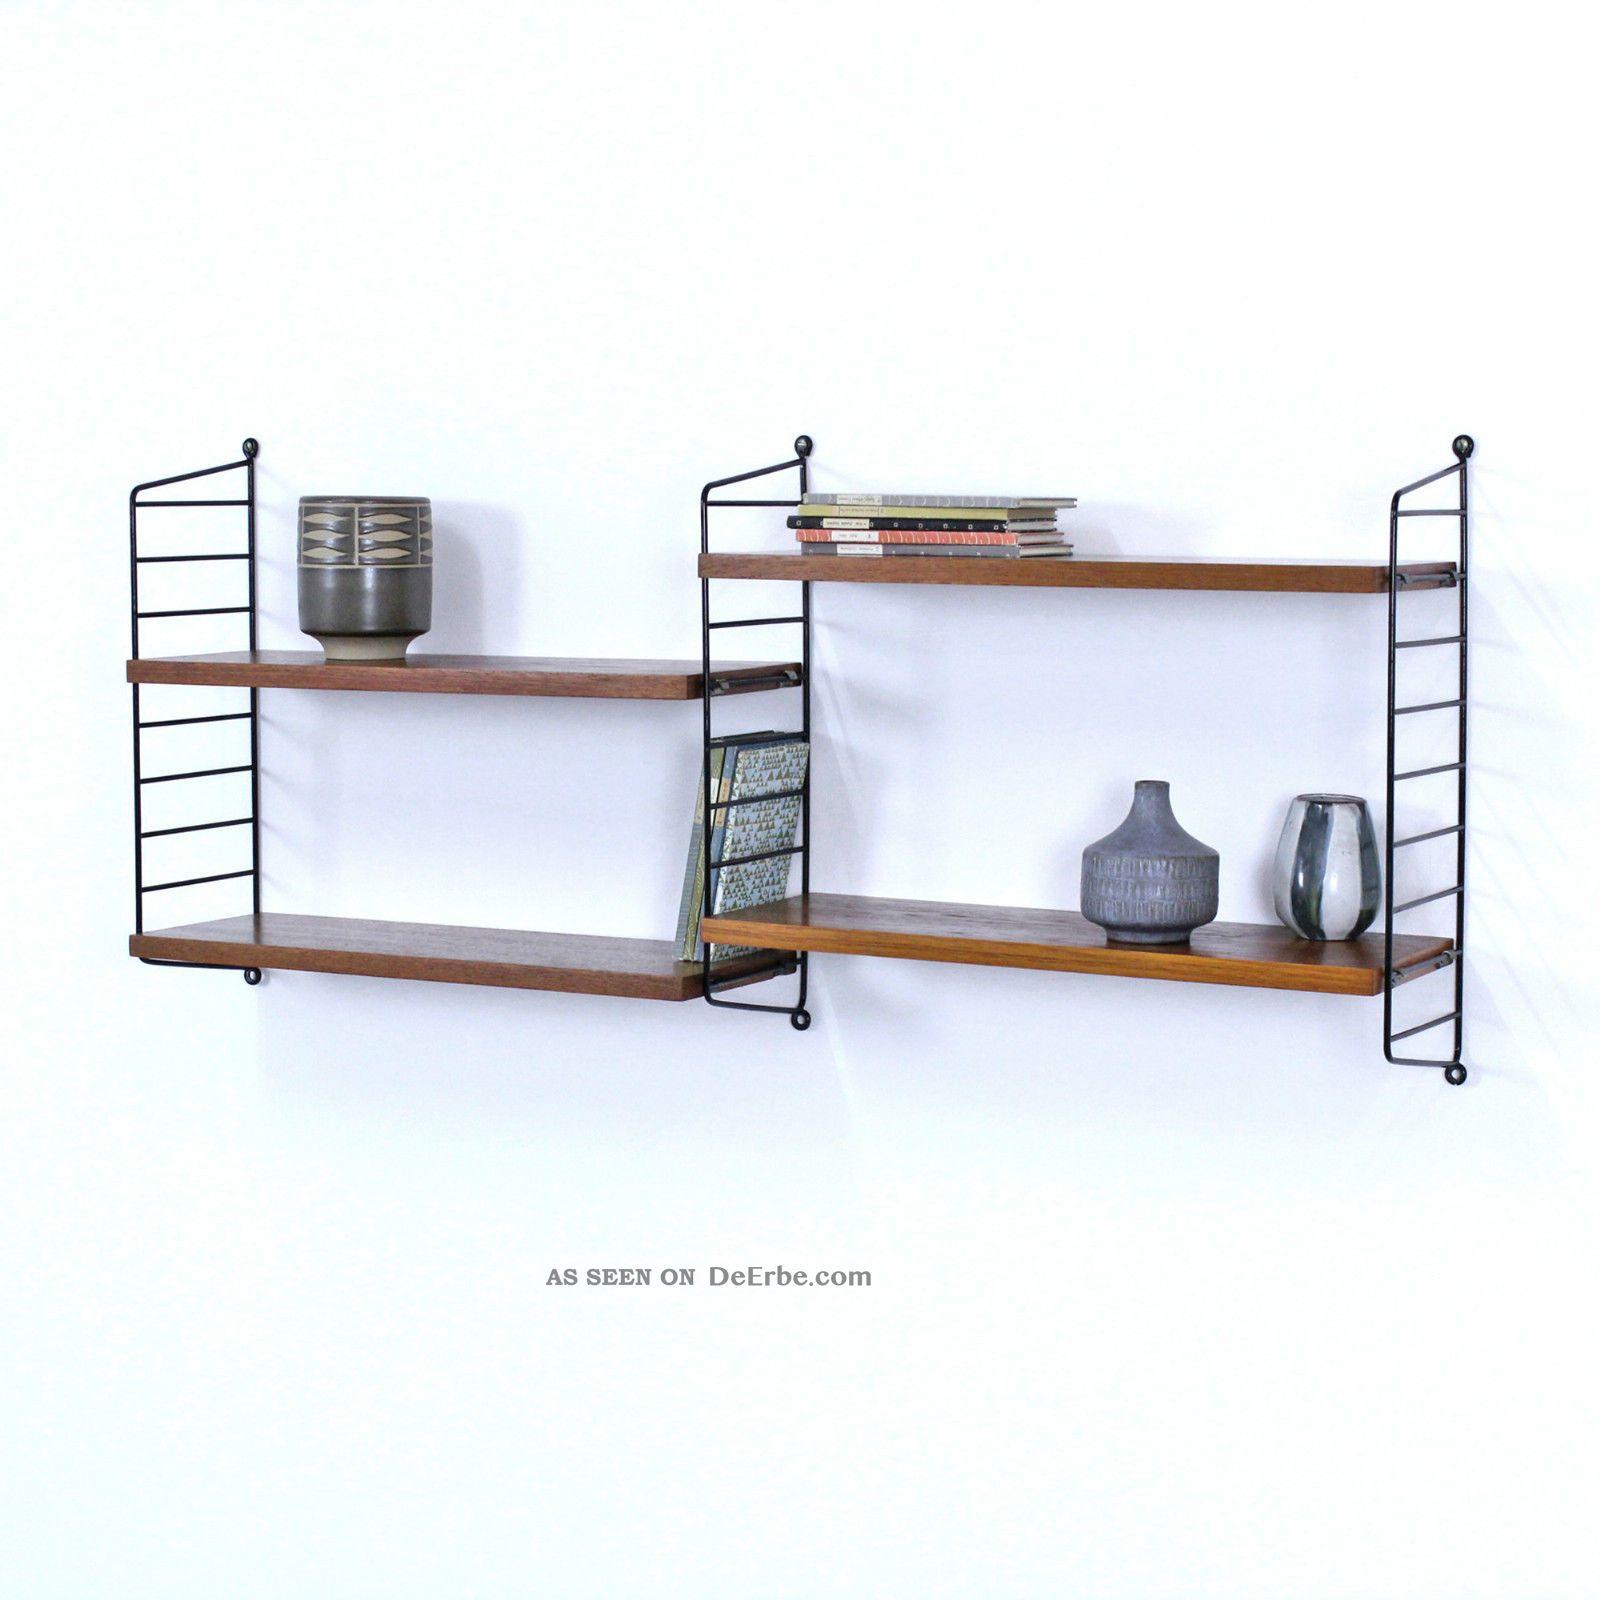 regal system string teak nisse strinning sweden shelving system no5. Black Bedroom Furniture Sets. Home Design Ideas